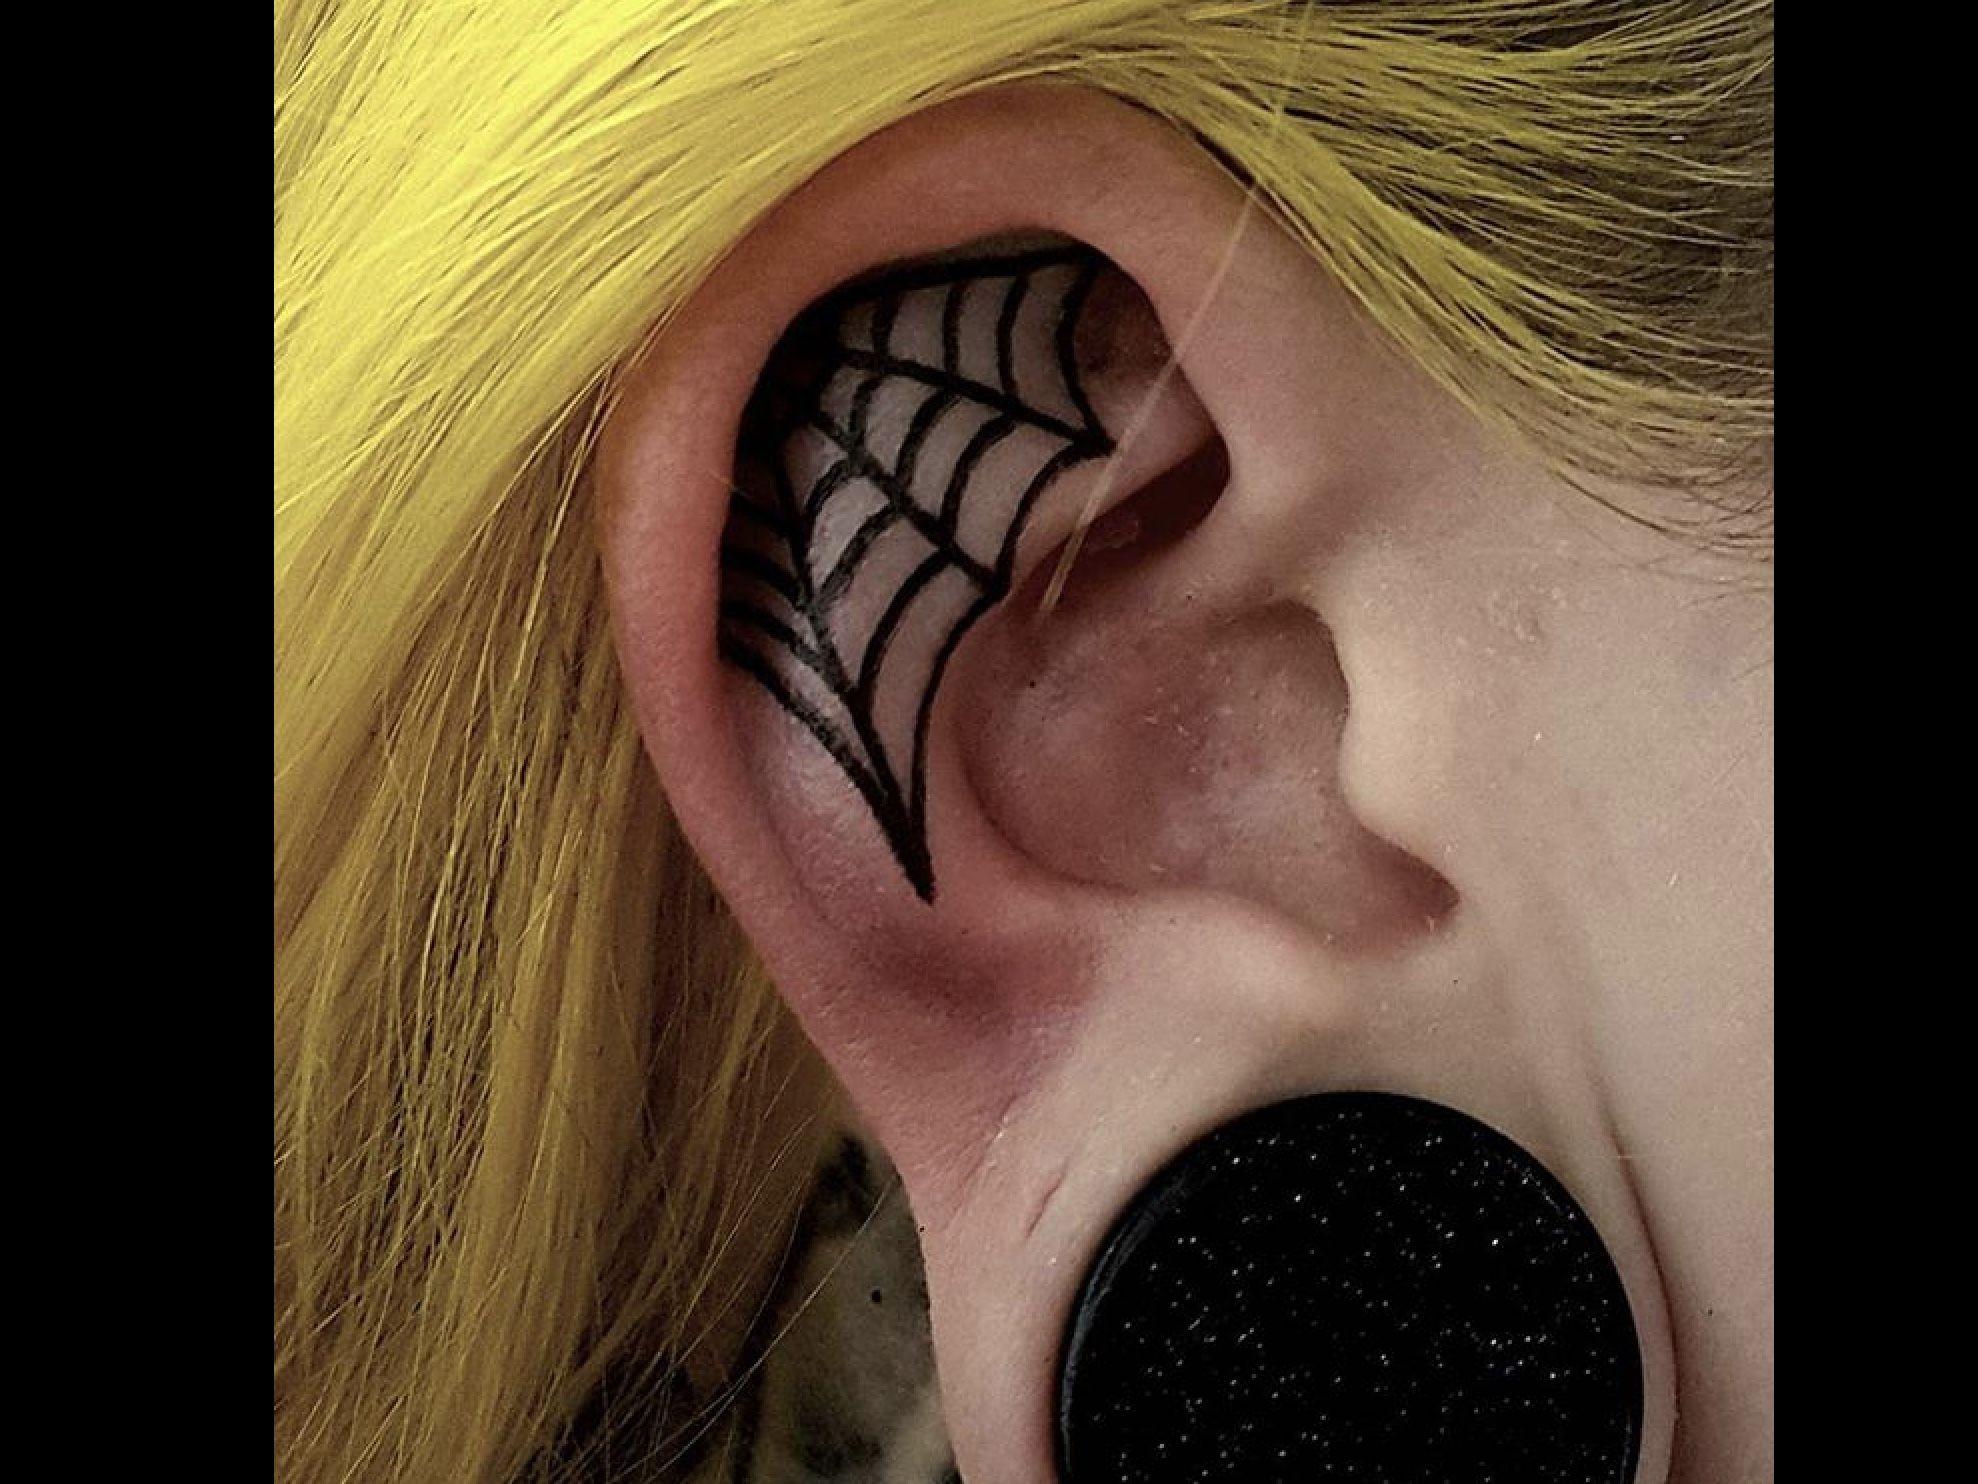 Little Freehand Ear Cobweb Body Art Tattoos Ear Tattoo Gothic Tattoo